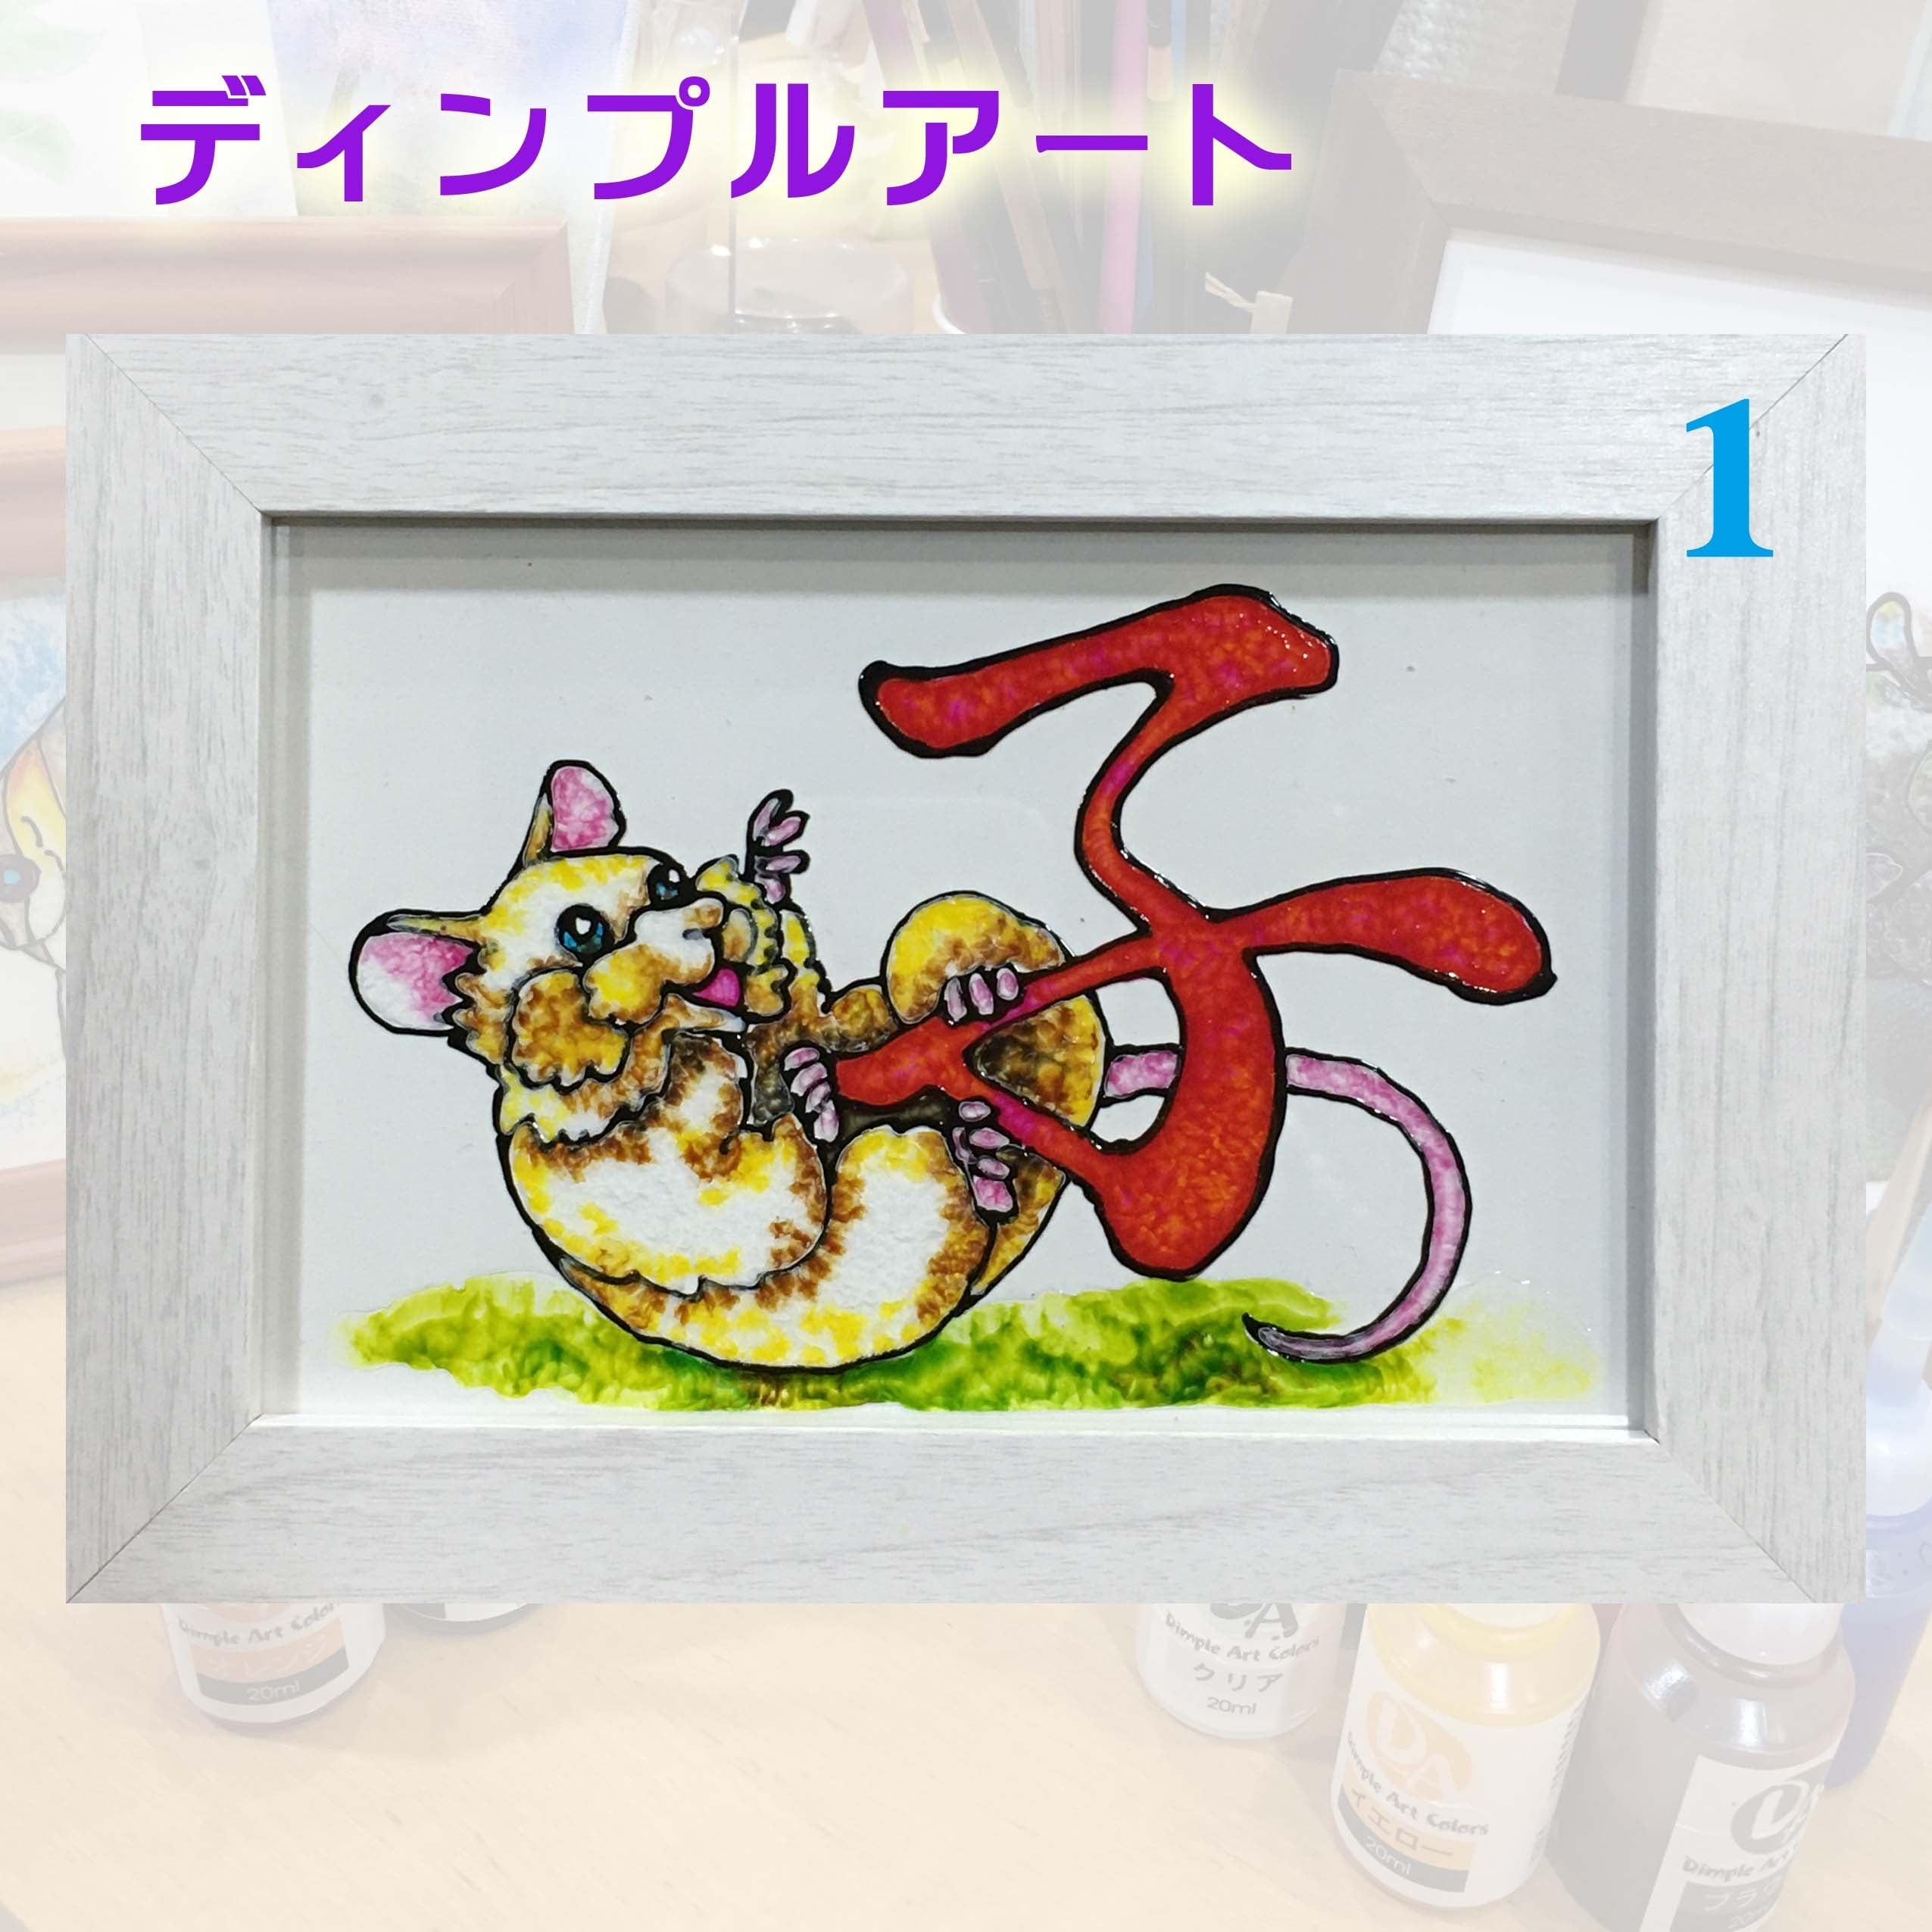 オリジナル【ディンプルアート】ねずみのイメージその4